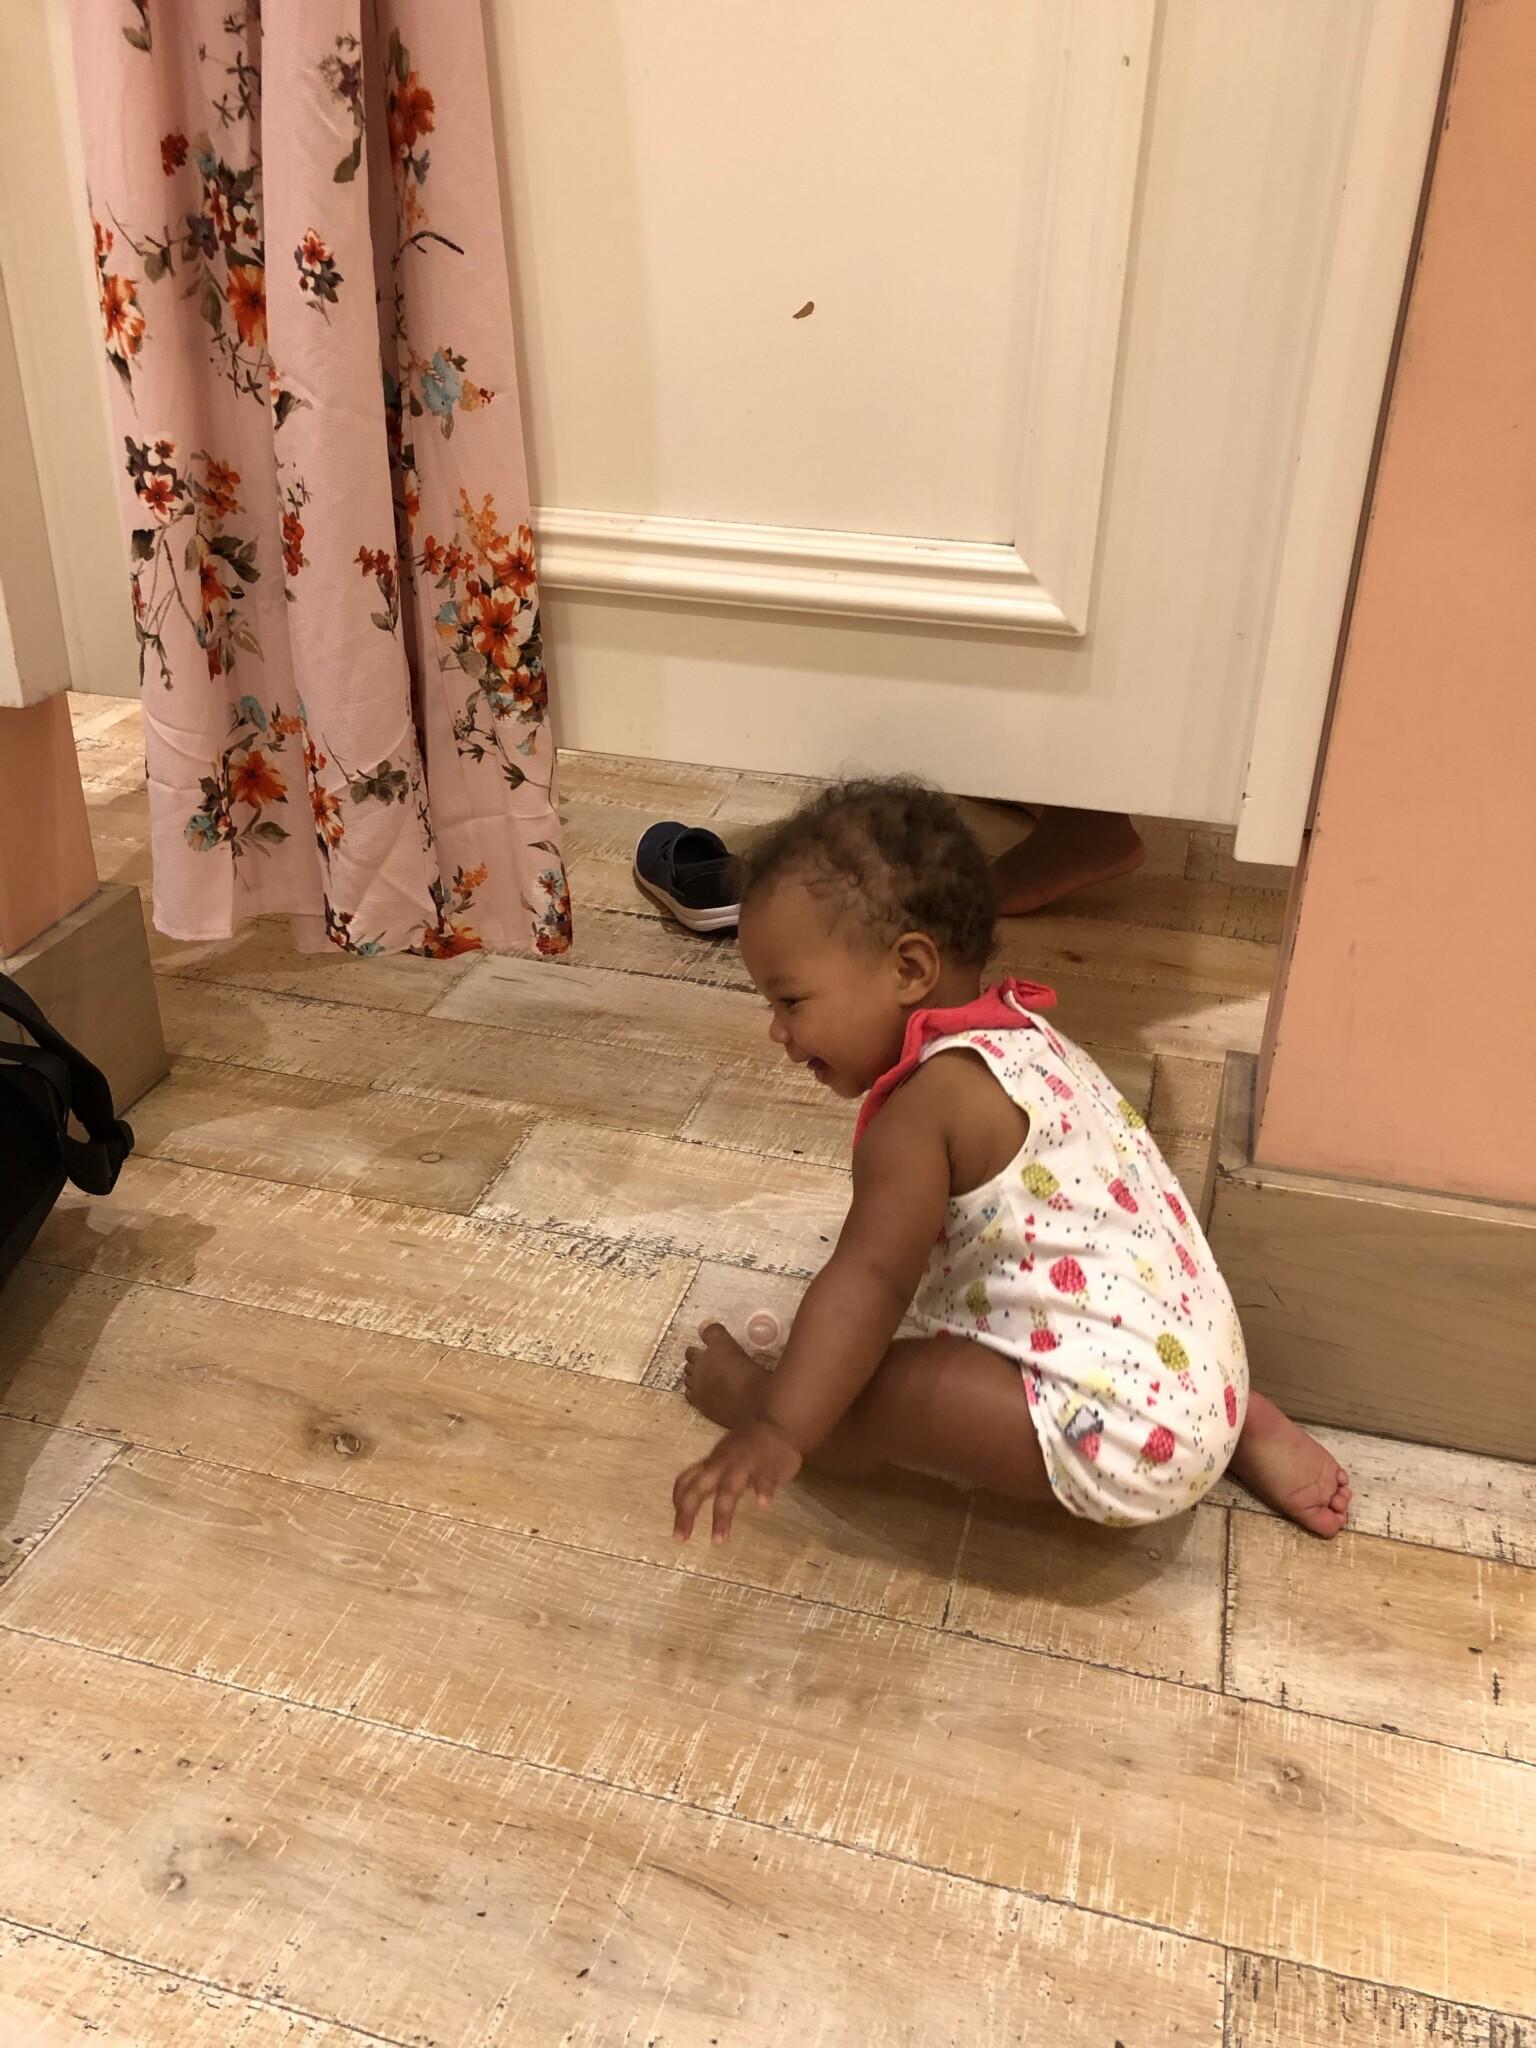 2 semaines en Floride avec un bébé de 1 an - Séjour du 2 au 16 mai 2019 DCL + WDW - Page 17 IMG_0433-1536x2048